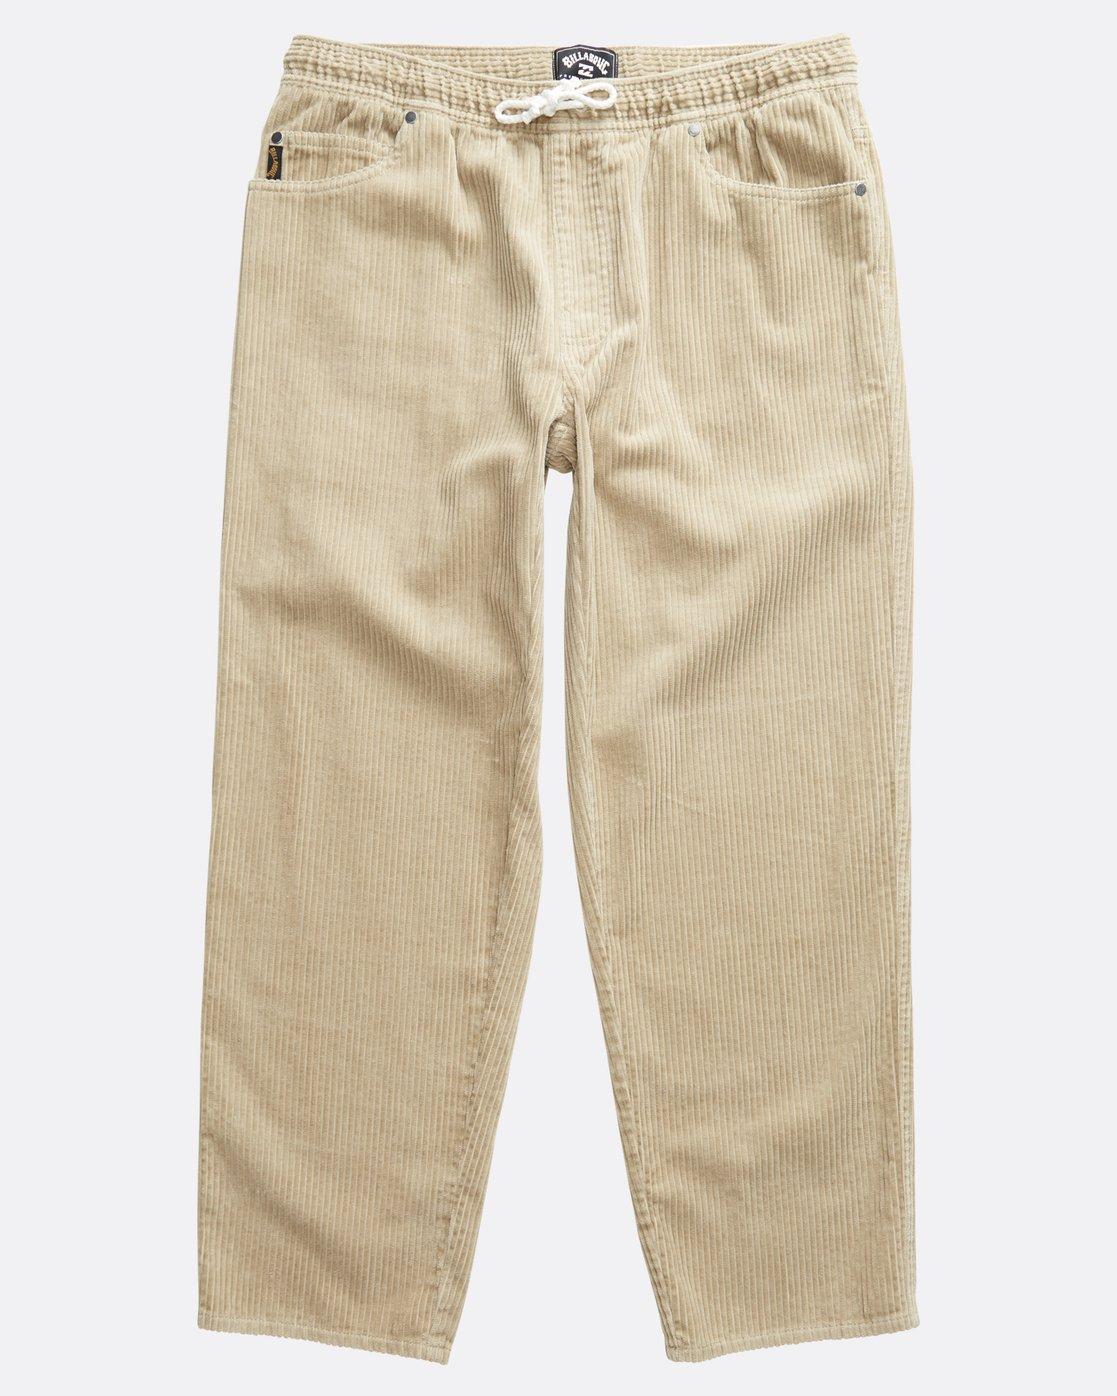 Bad Dog Pantalon Para Hombre Q1pt09bif9 Billabong